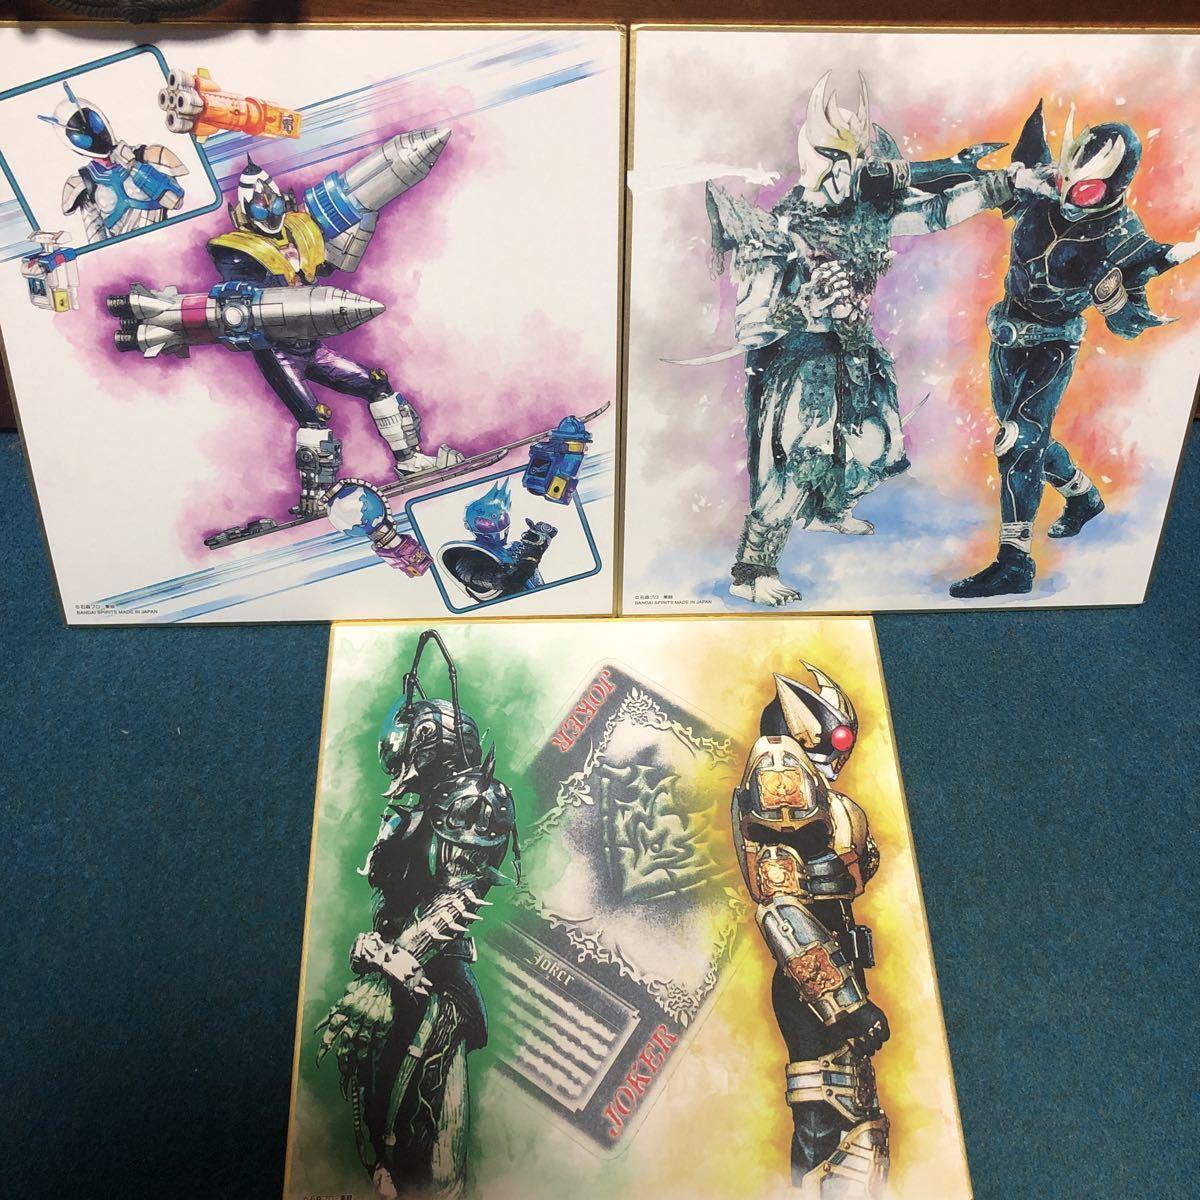 仮面ライダー 一番くじ ART色紙 フォーゼ、クウガ、ブレイド セット